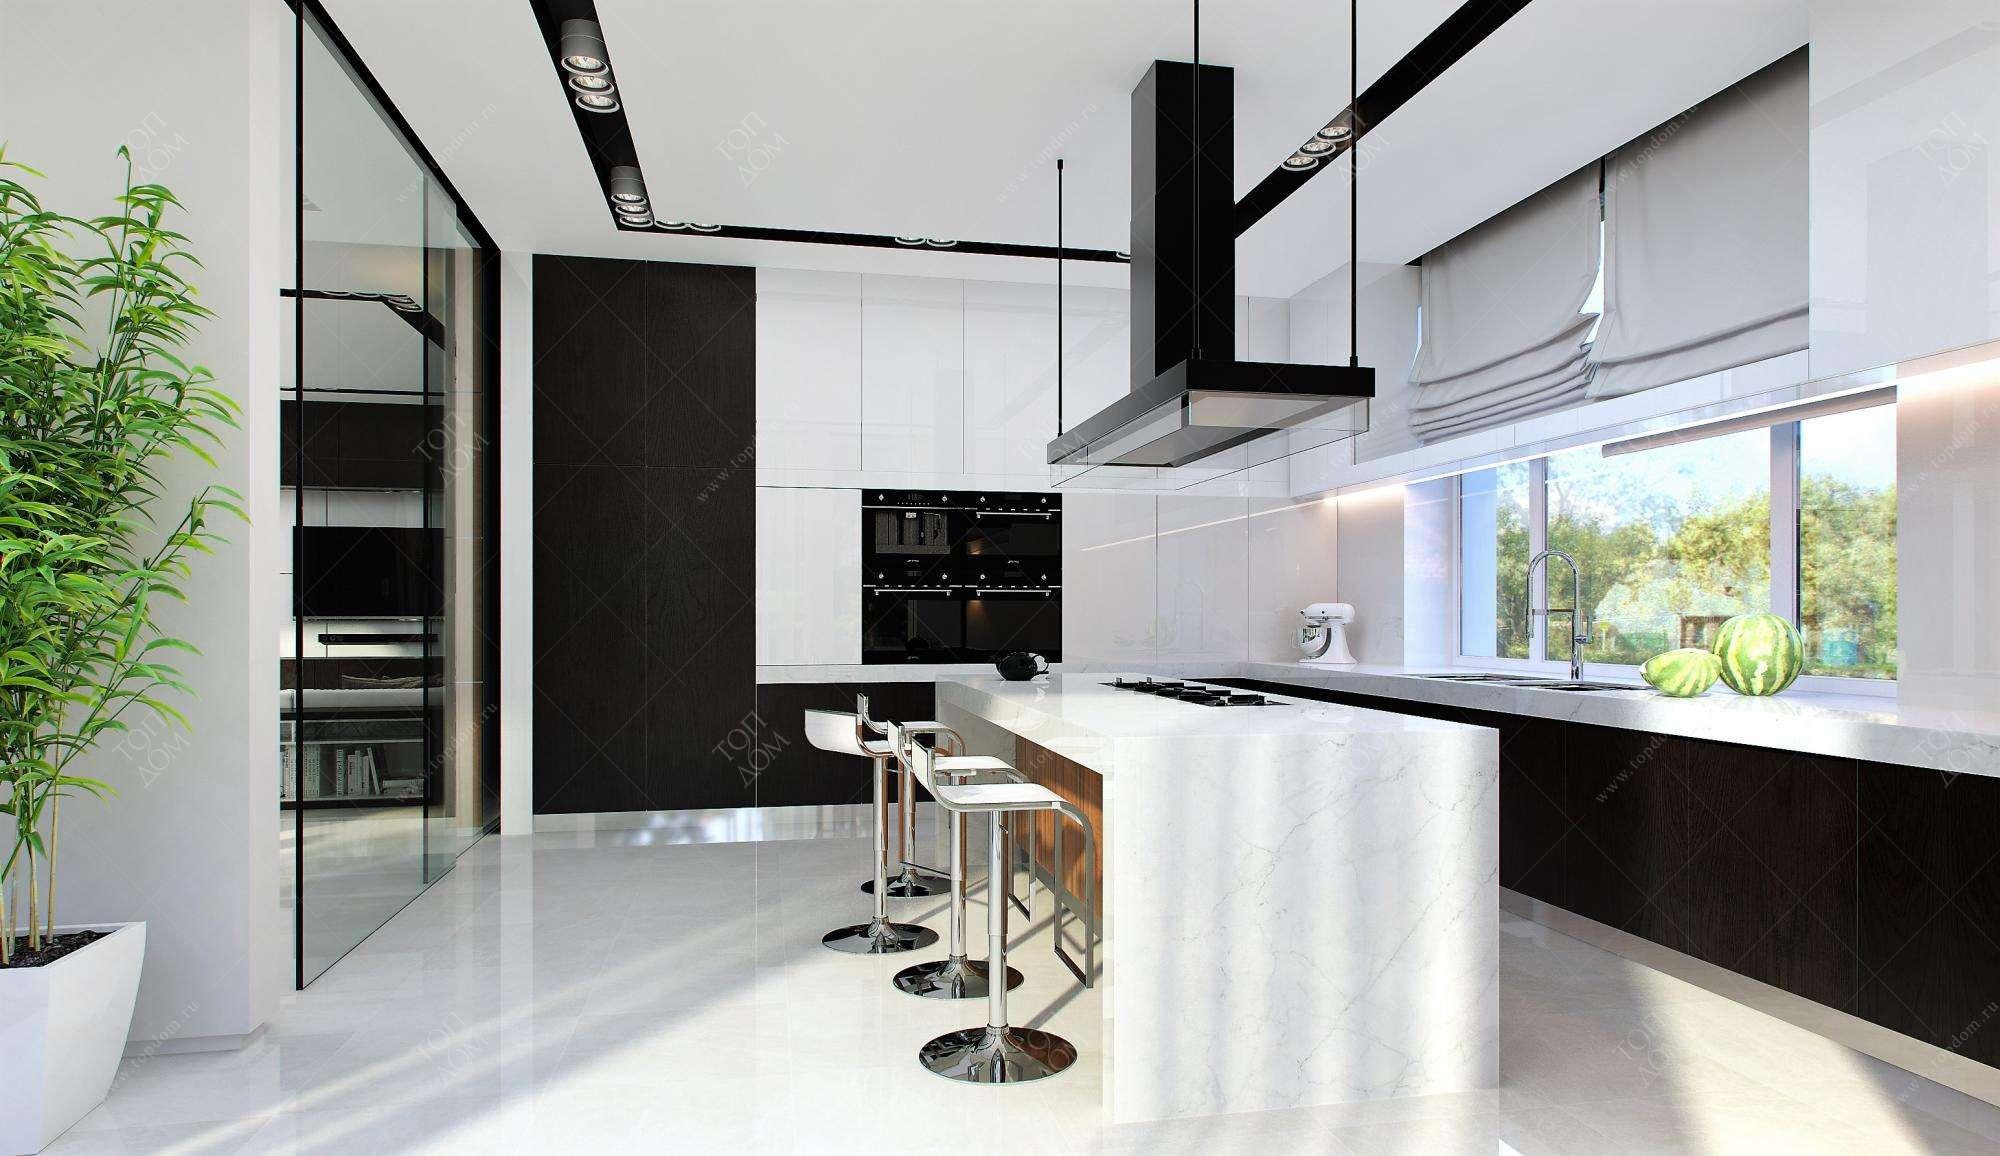 Кухни угловые Модерн (41 фото дизайн своими руками) 71